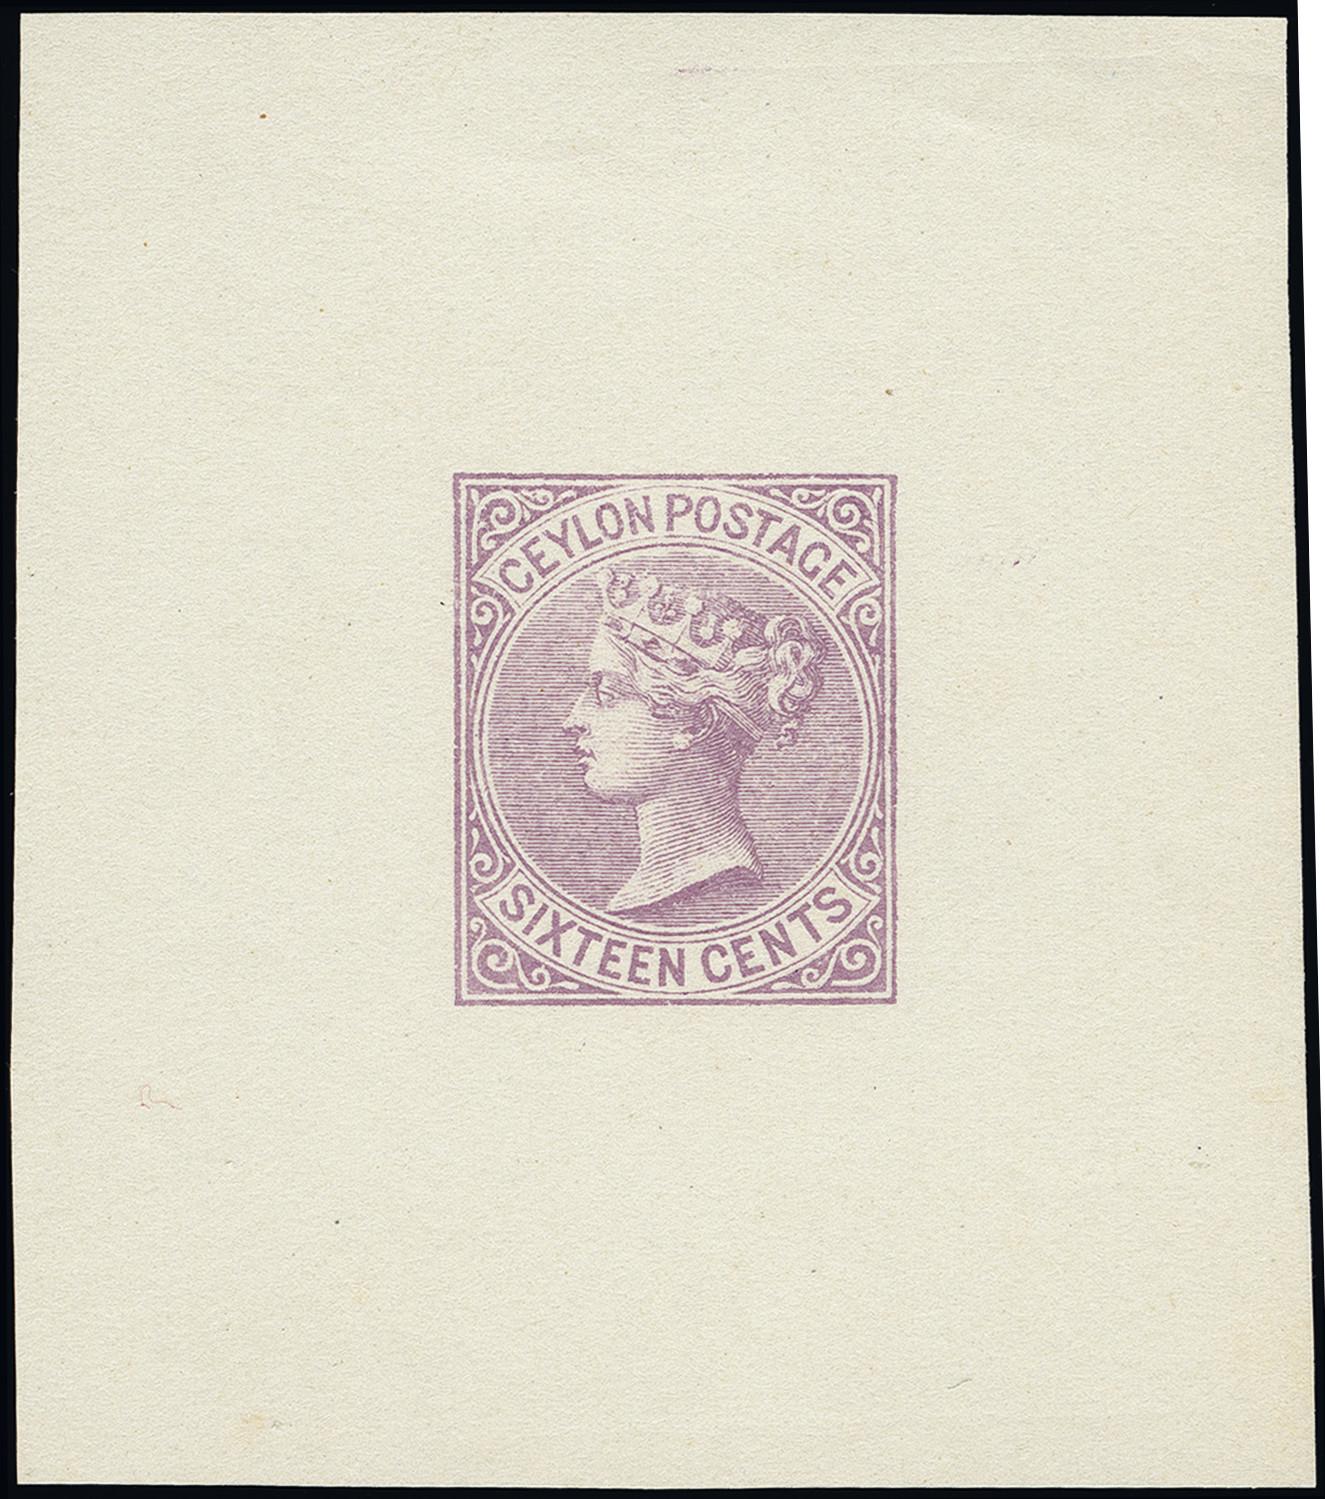 Lot 1336 - British Commonwealth Ceylon -  Heinrich Koehler Auktionen Heinrich Köhler Auction 376 - Day 1